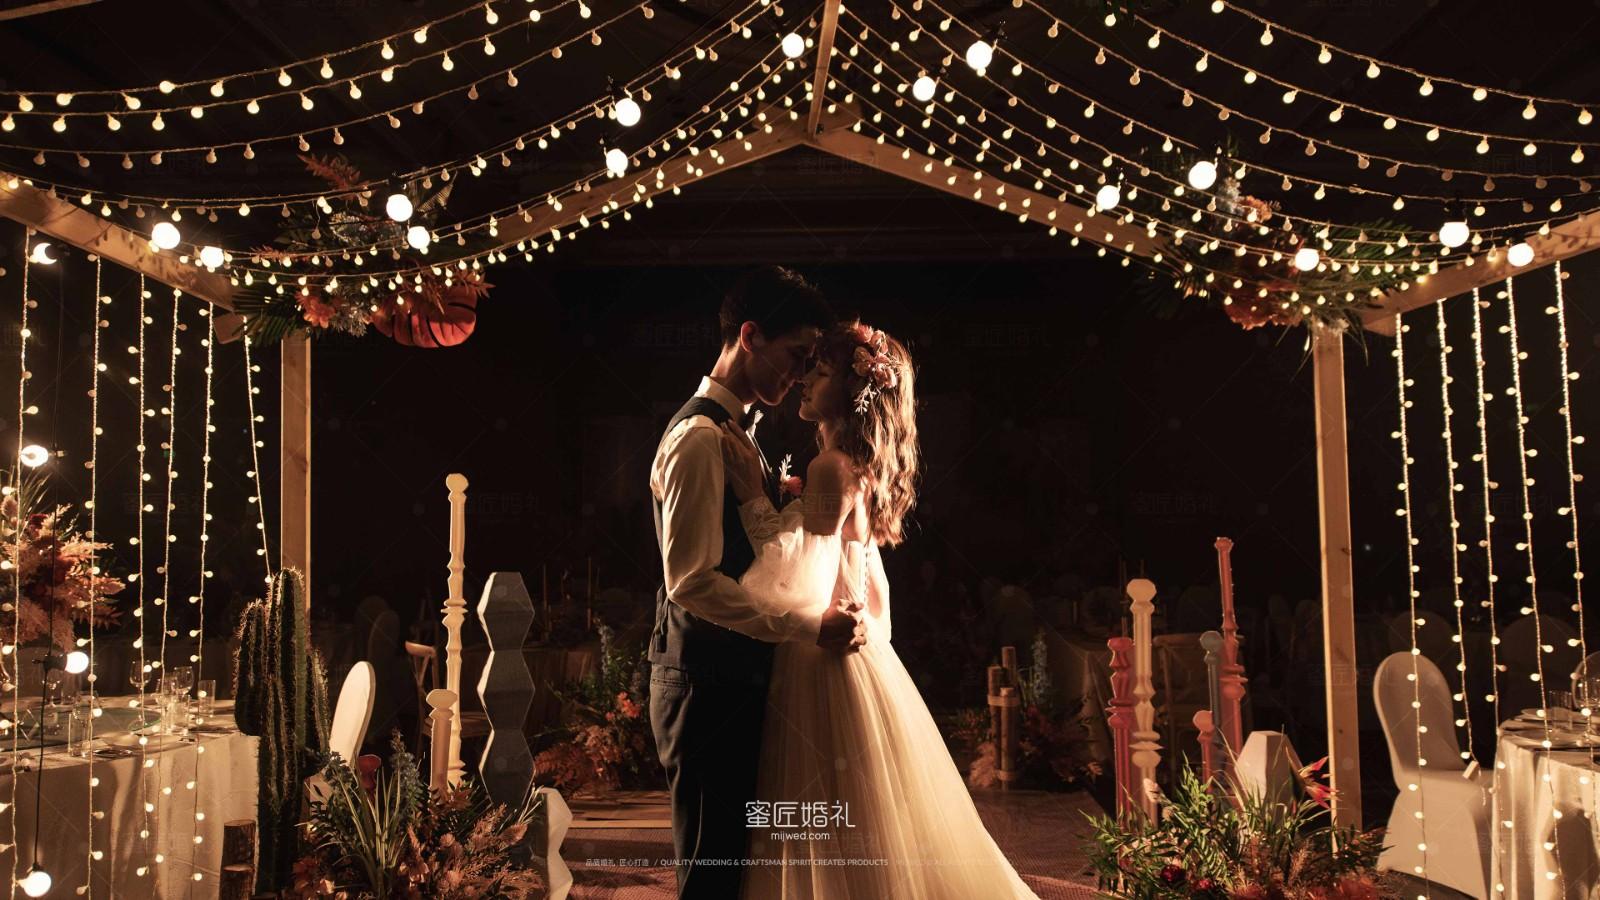 武汉主题婚礼风格有哪些